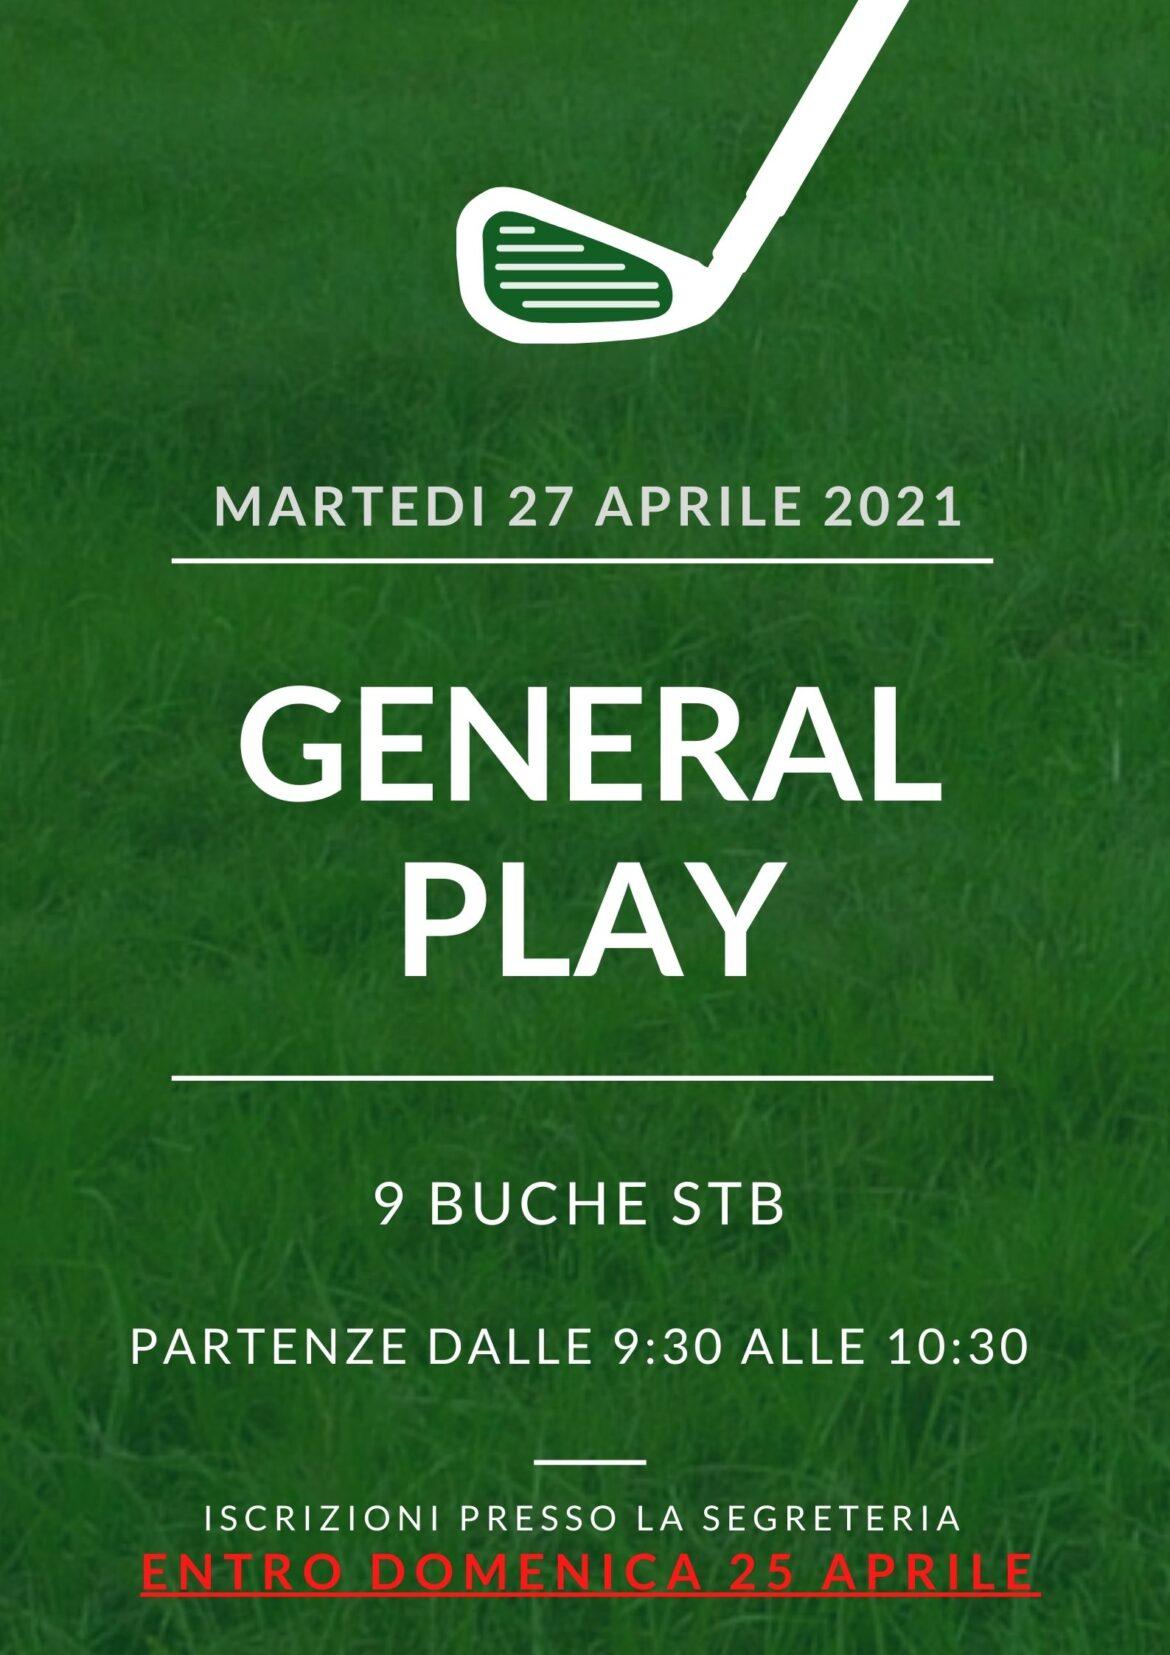 GENERAL PLAY 27 APRILE 2021